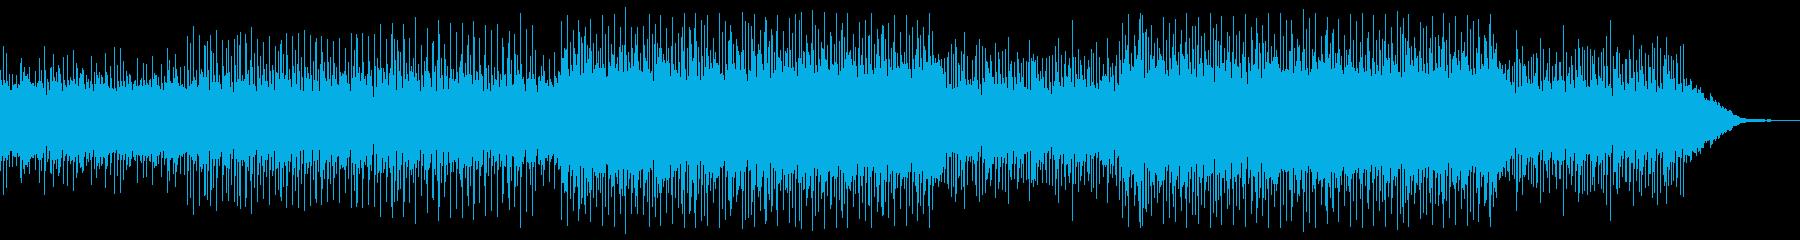 輝く未来 テクノ シンセ キラキラの再生済みの波形